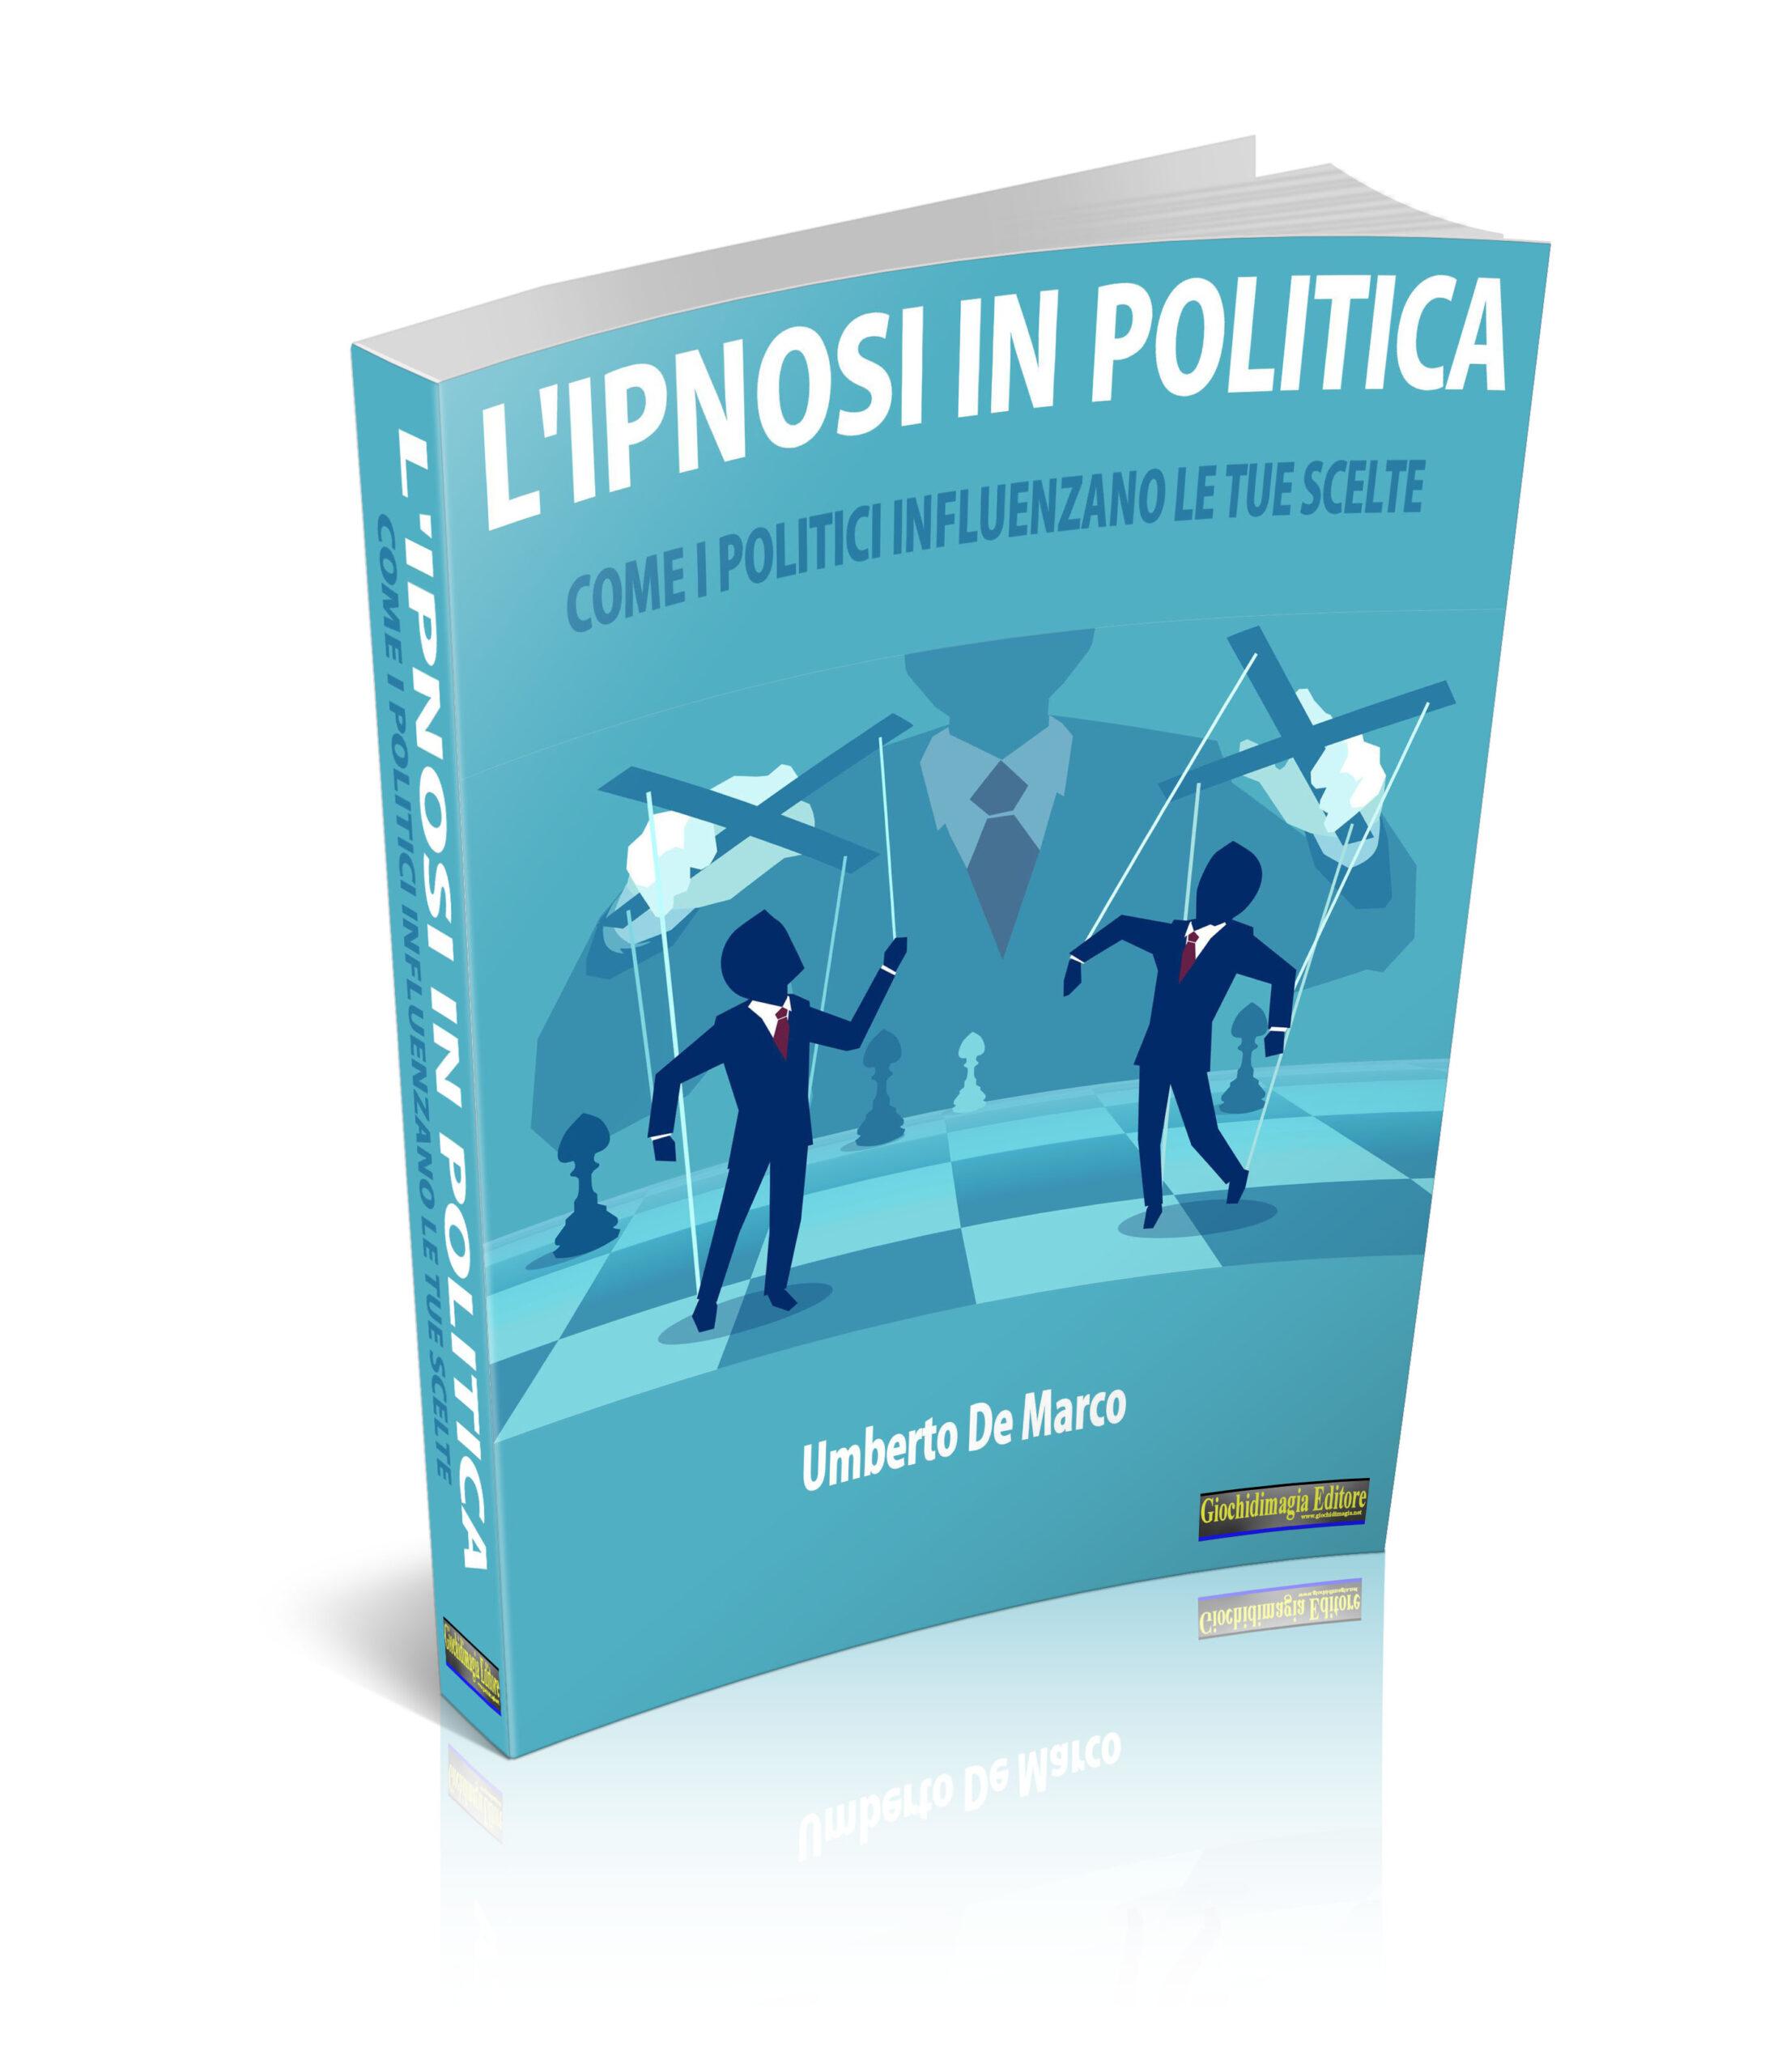 L'Ipnosi in Politica